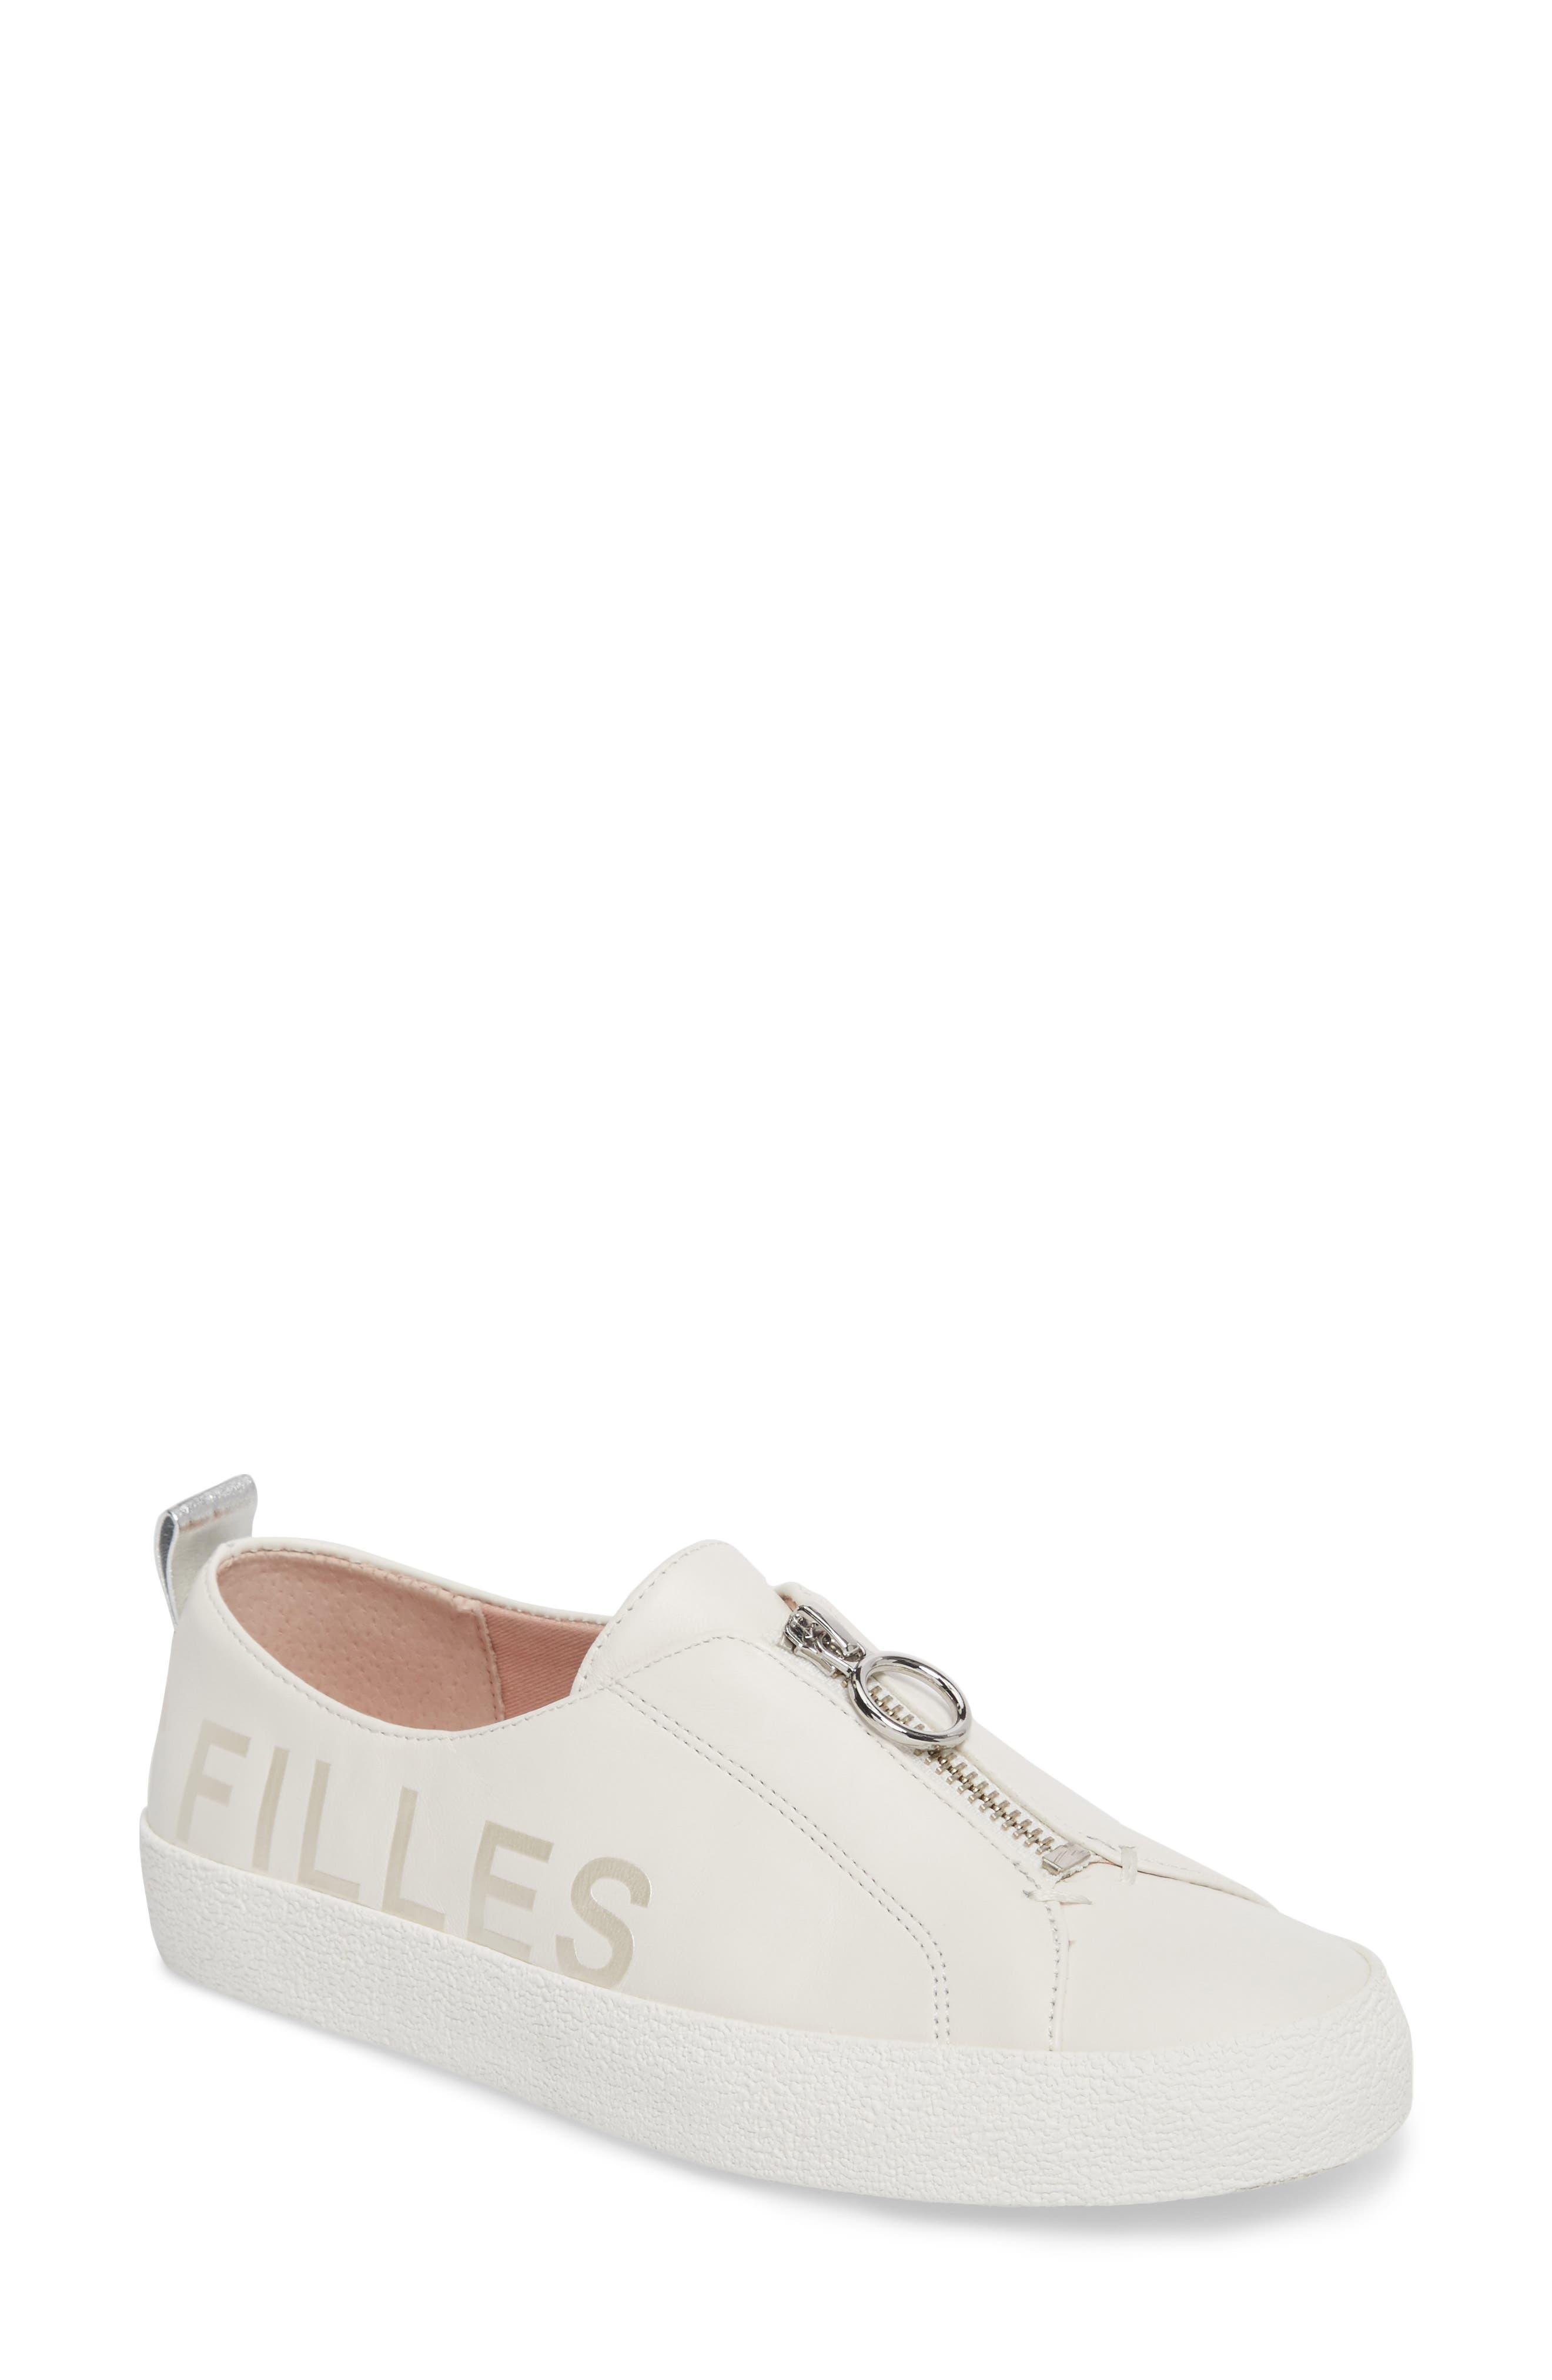 Sasha Zip Sneaker,                         Main,                         color,